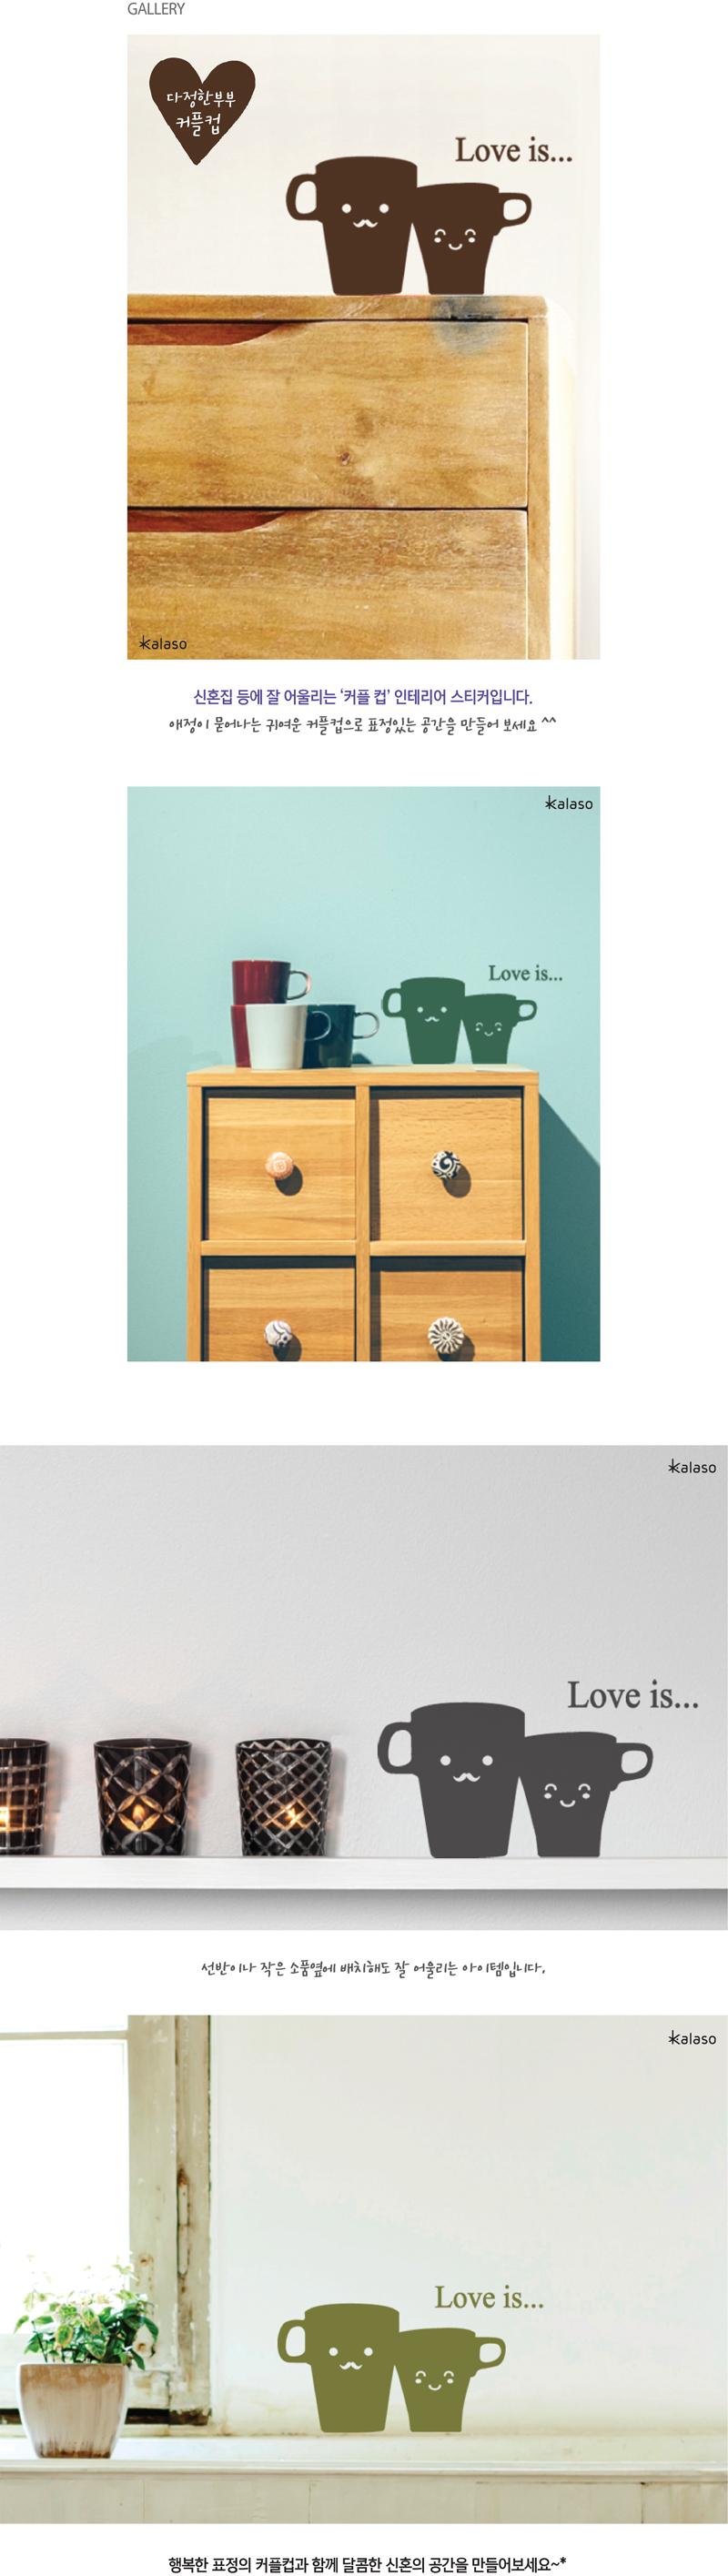 커플 컵 데코스티커7,000원-칼라소디자인인테리어/플라워, 월데코, 월데코 스티커, 코믹바보사랑커플 컵 데코스티커7,000원-칼라소디자인인테리어/플라워, 월데코, 월데코 스티커, 코믹바보사랑